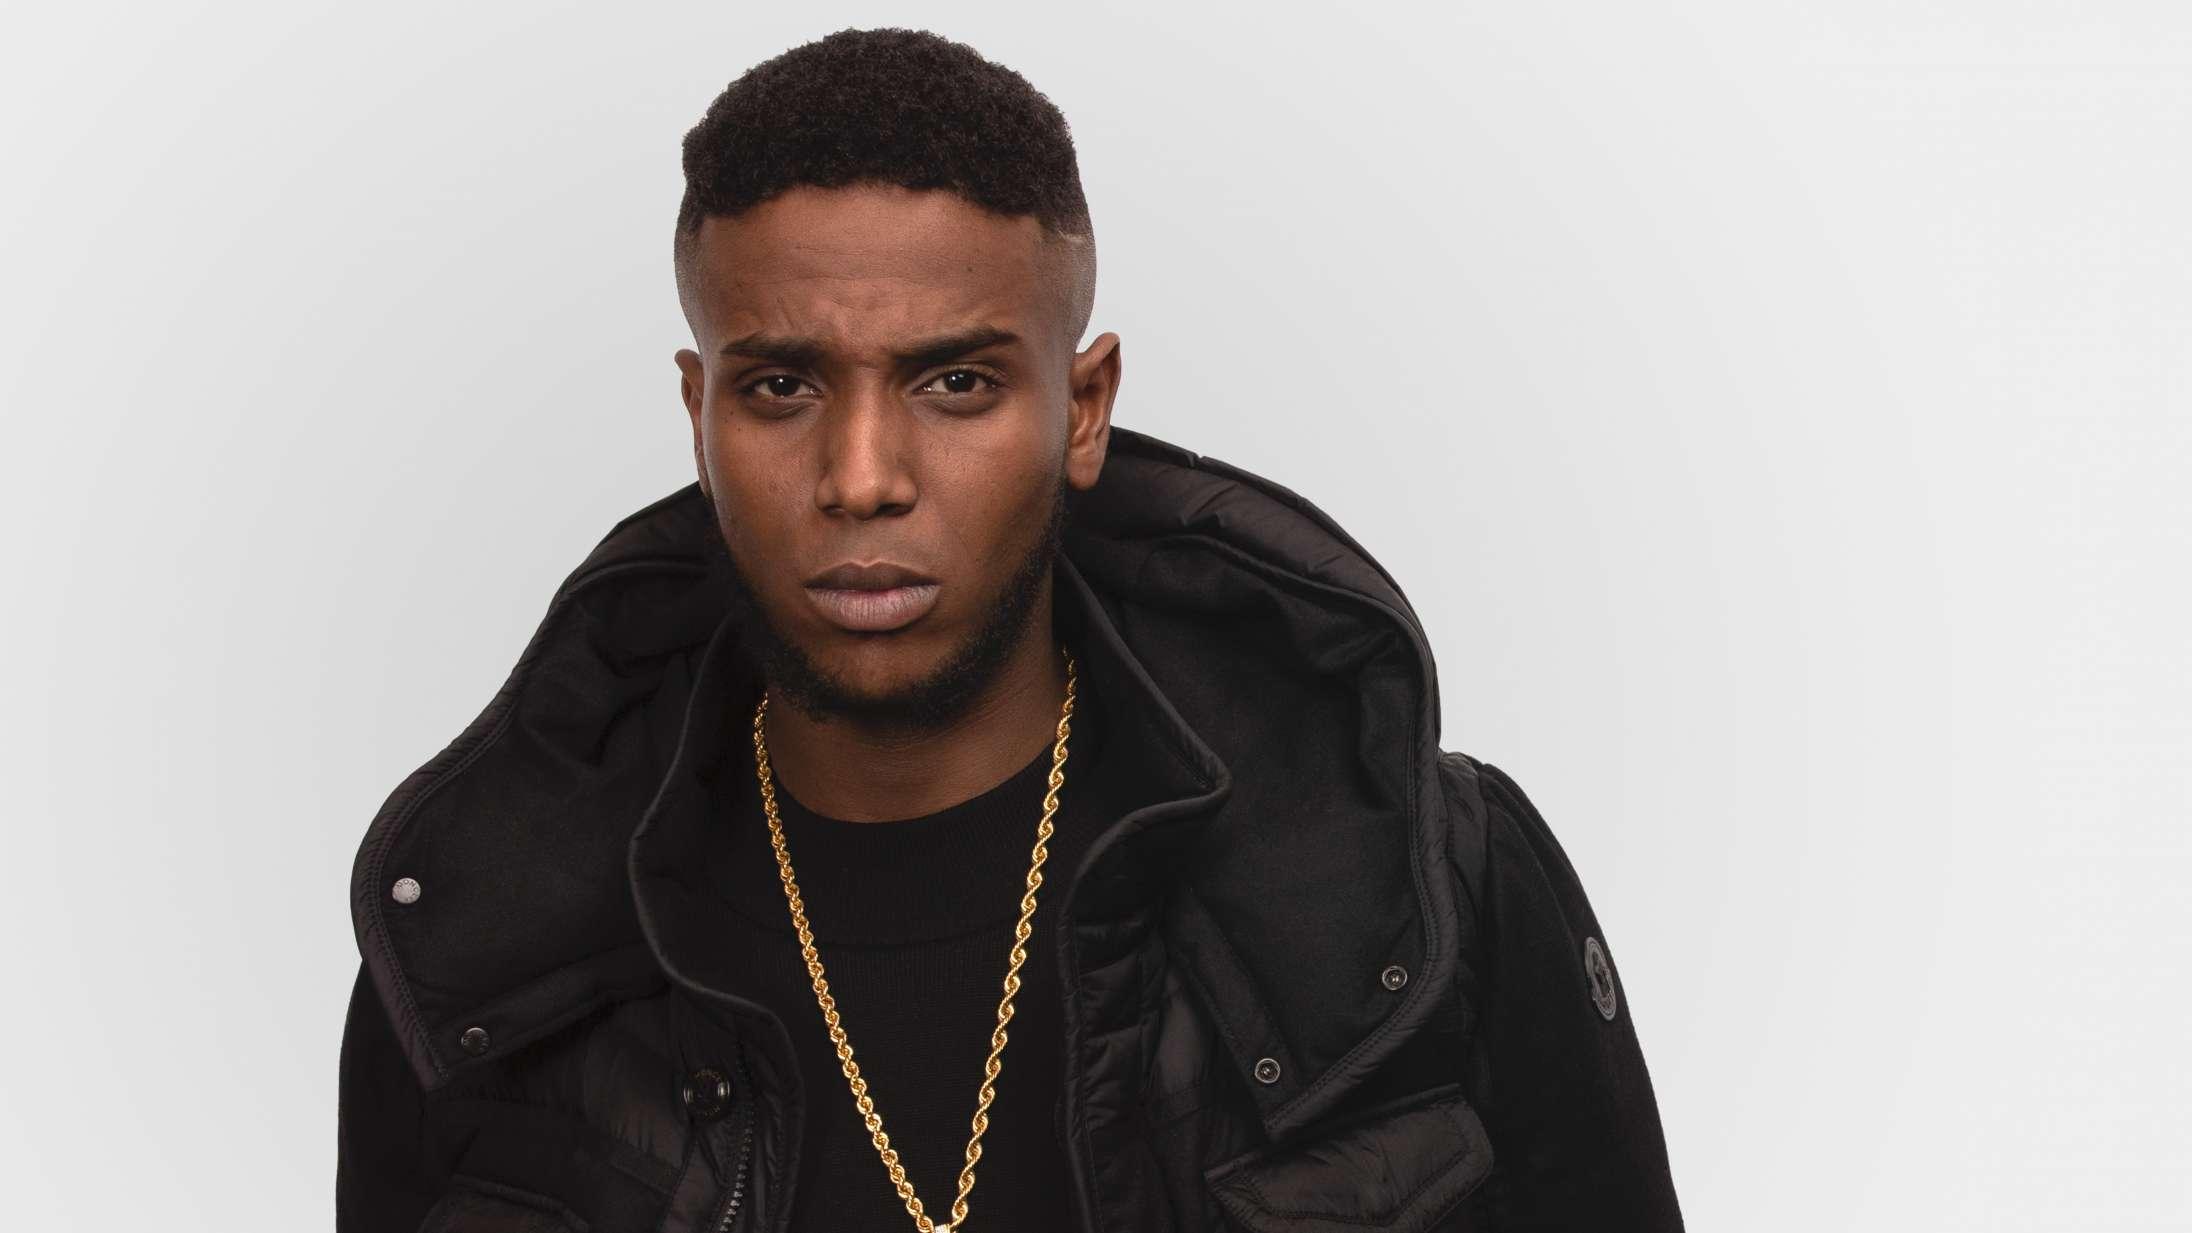 Under jorden med Jamaika: Sådan er det at lave musik med en efterlyst rapper